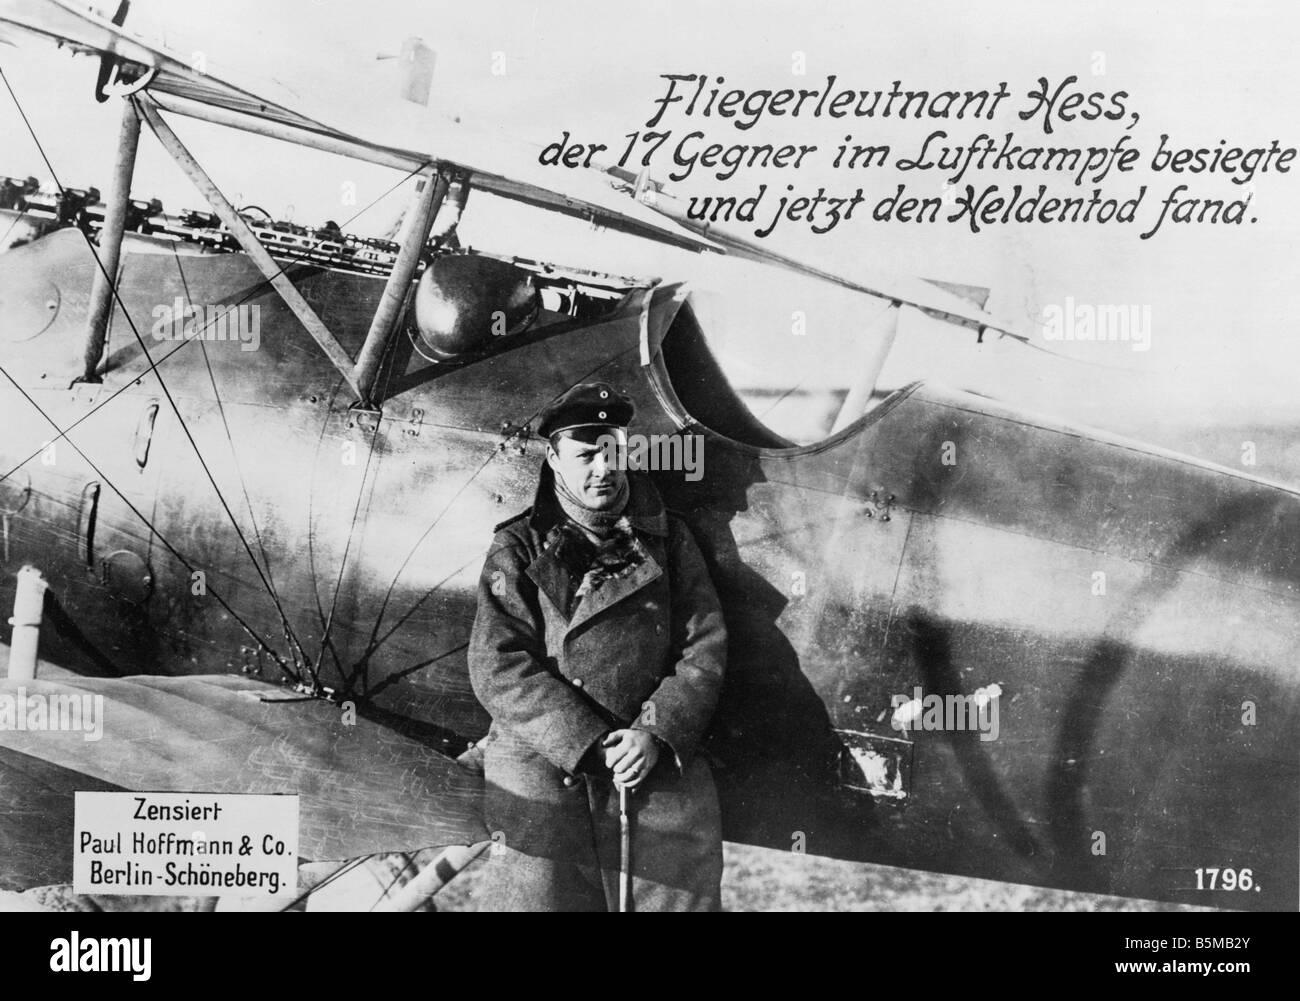 La Première Guerre mondiale 1914 La Première Guerre mondiale, l'aviation militaire lieutenant Hess en face de son appareil photo Paul Hoffmann Banque D'Images